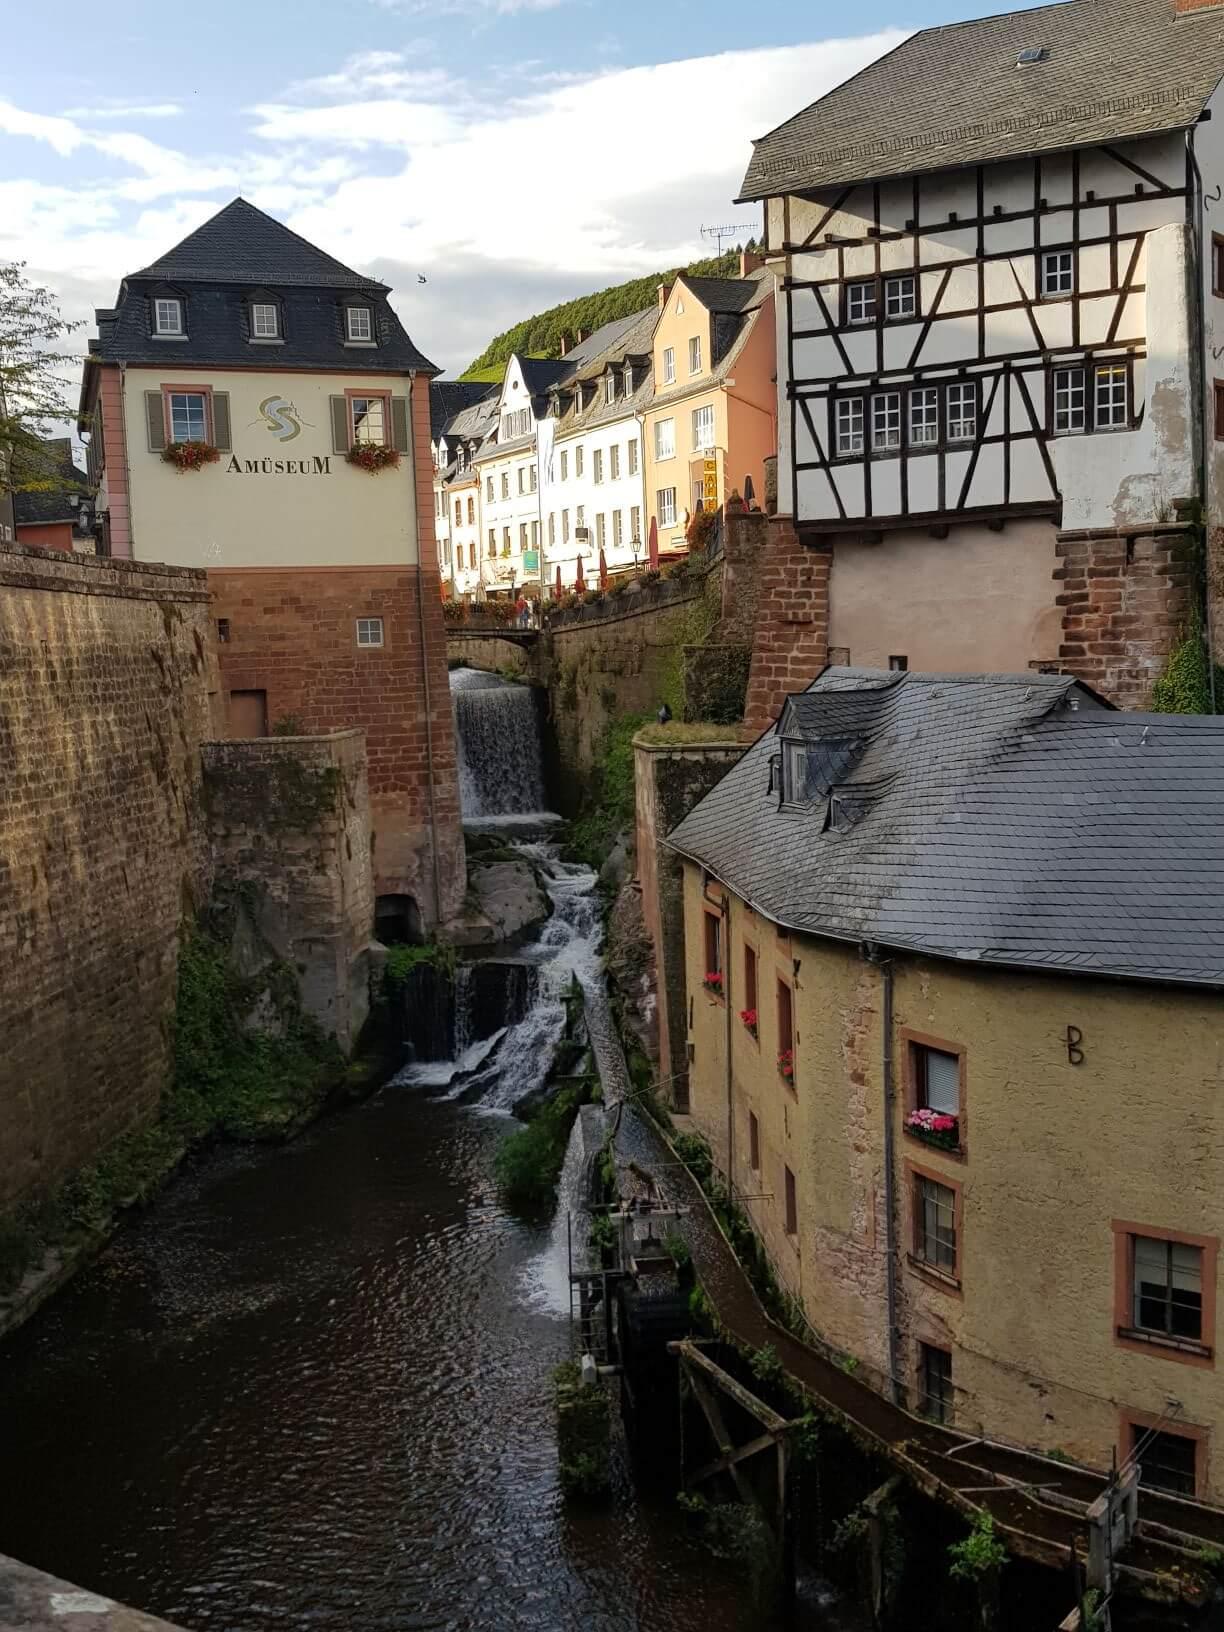 Am Fuße des Saarburger Wasserfalls haben sich die Handwerkermühlen angesiedelt, direkt am Wasserfall die kurfürstliche Mühle.